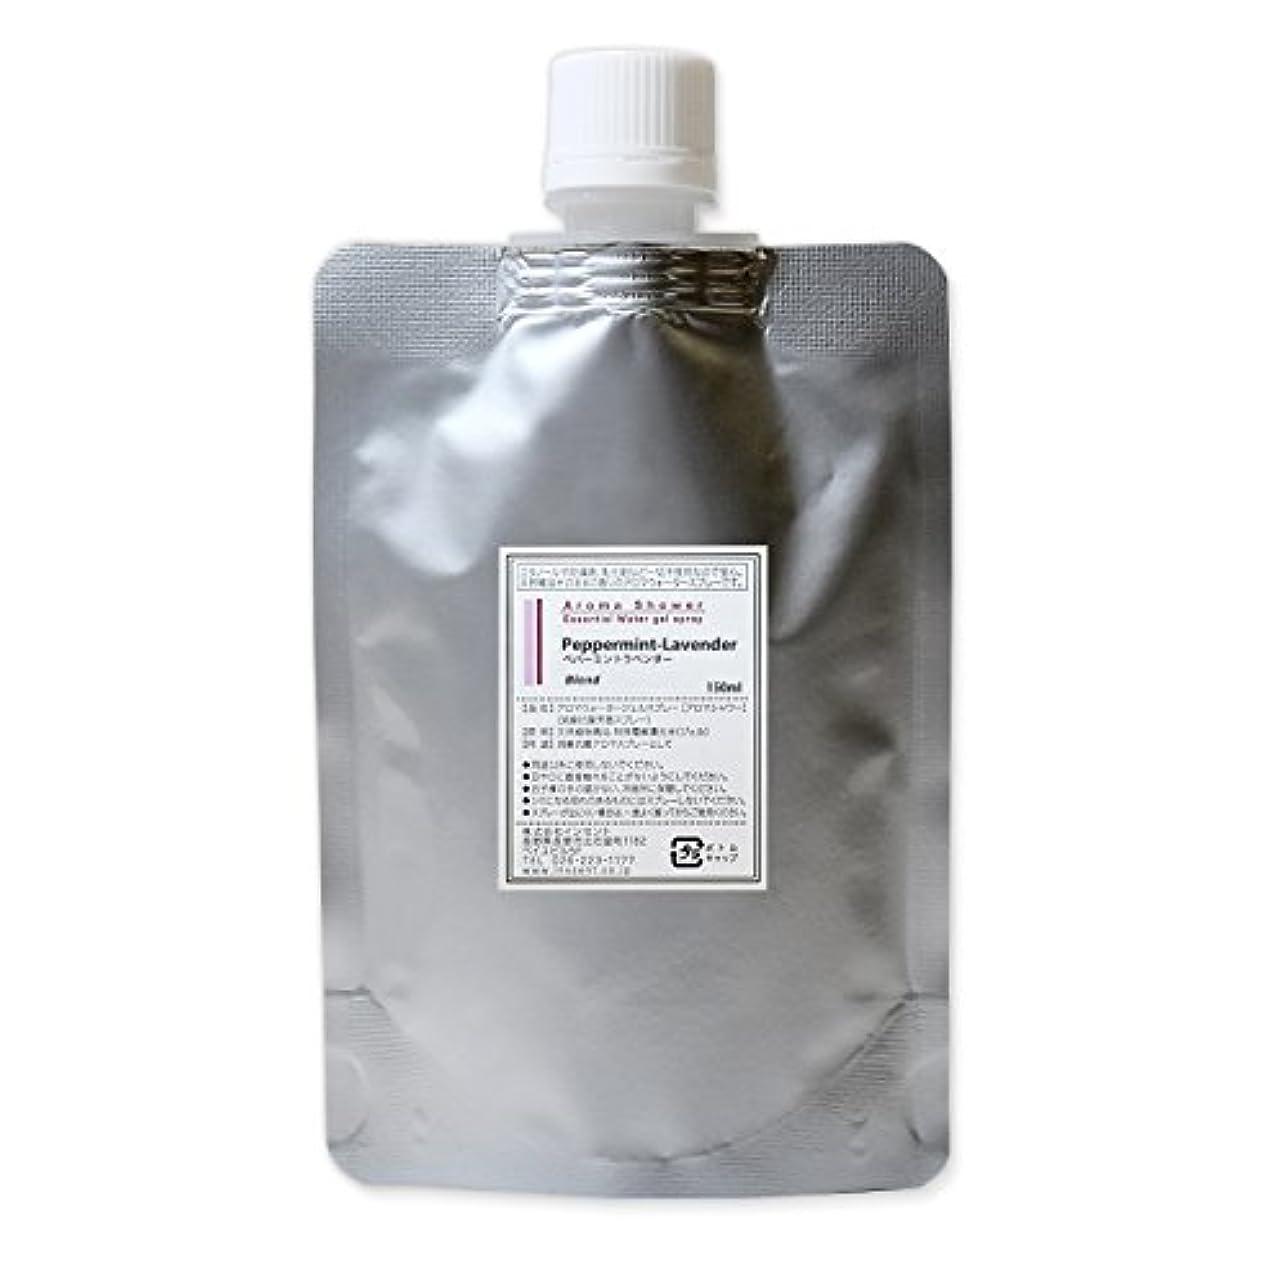 ステンレス呼吸する豊かにする(詰替用 アルミパック) アロマスプレー (アロマシャワー) ブレンド ペパーミントラベンダー 150ml インセント